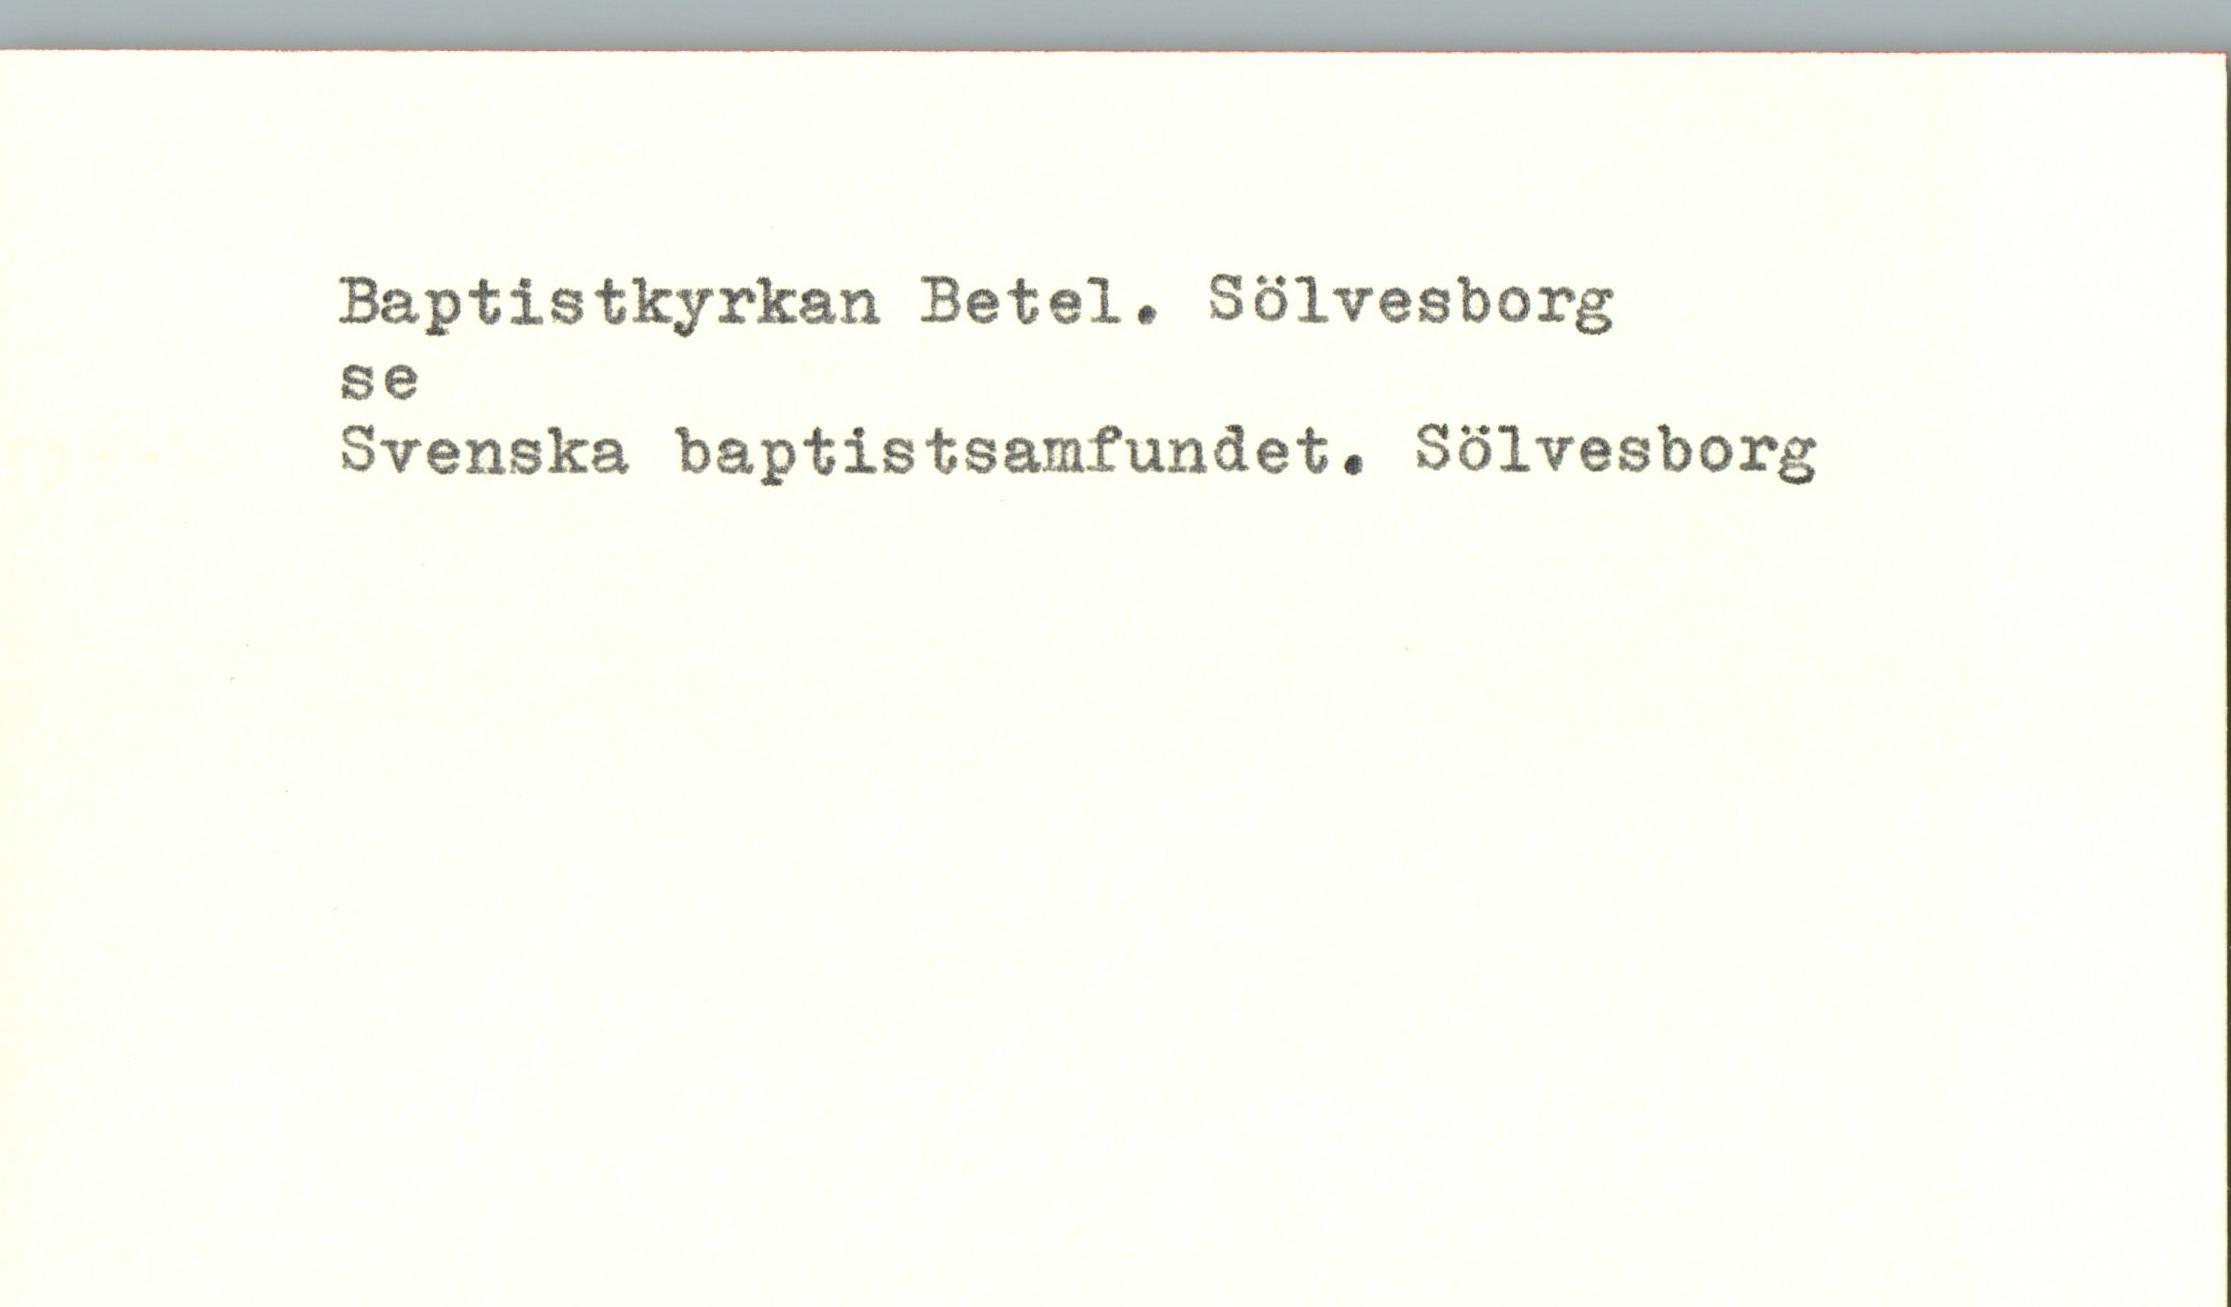 1235 Baptistkyrkan Betel Solvesborg